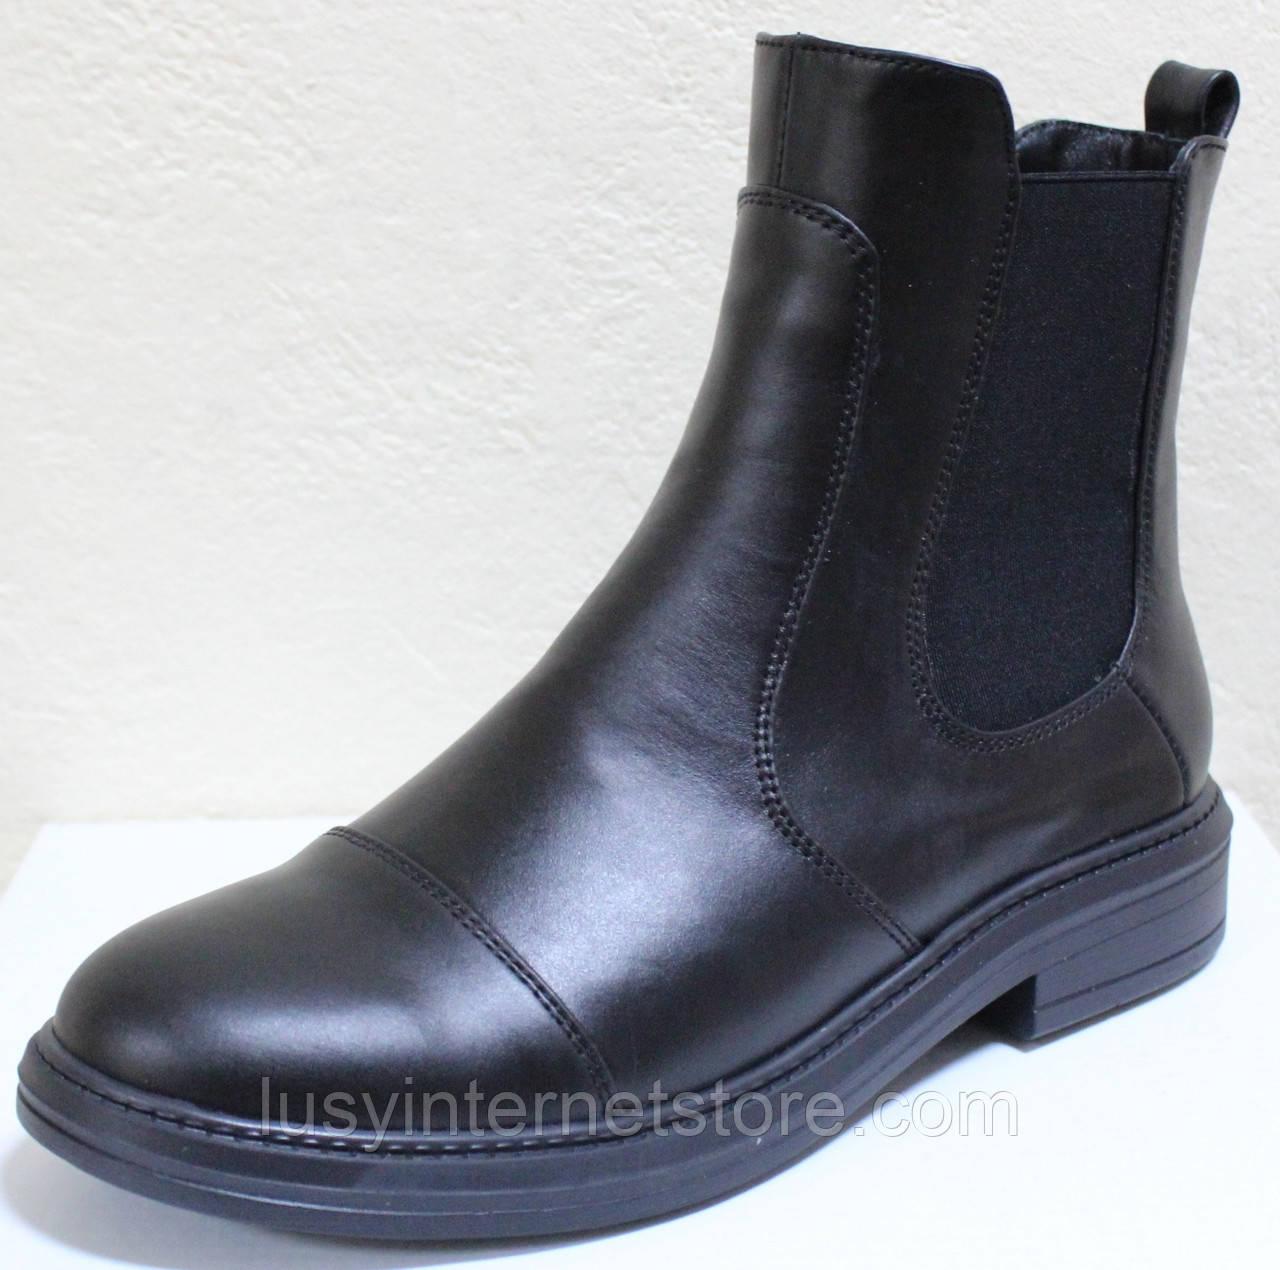 Ботинки женские демисезонные кожаные от производителя модель РИ113Ч